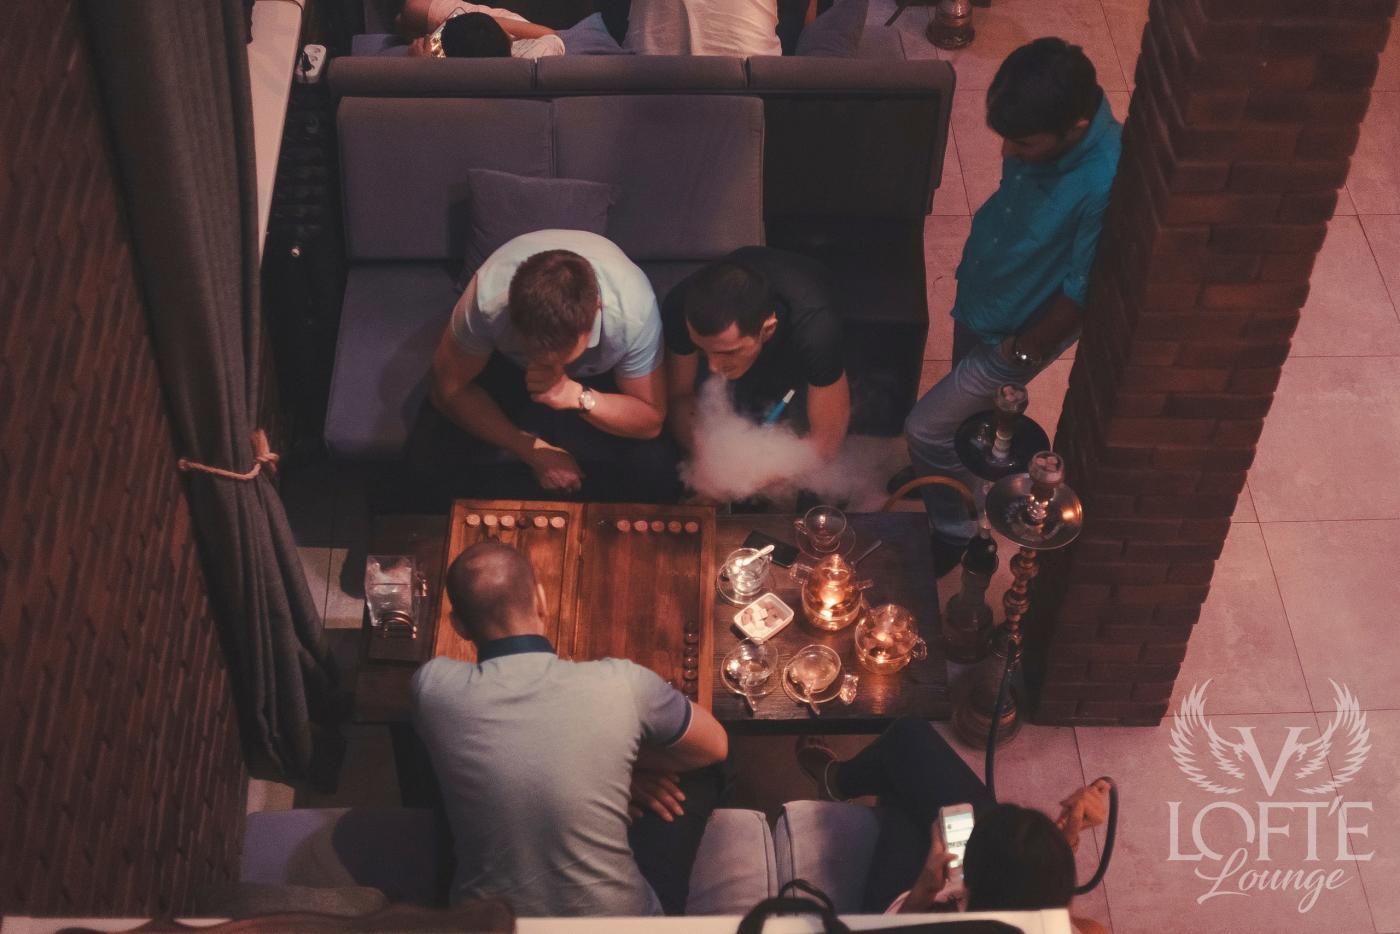 Кальянная V lofte на Молодежной (Прошлое название МосКальян) фото 19